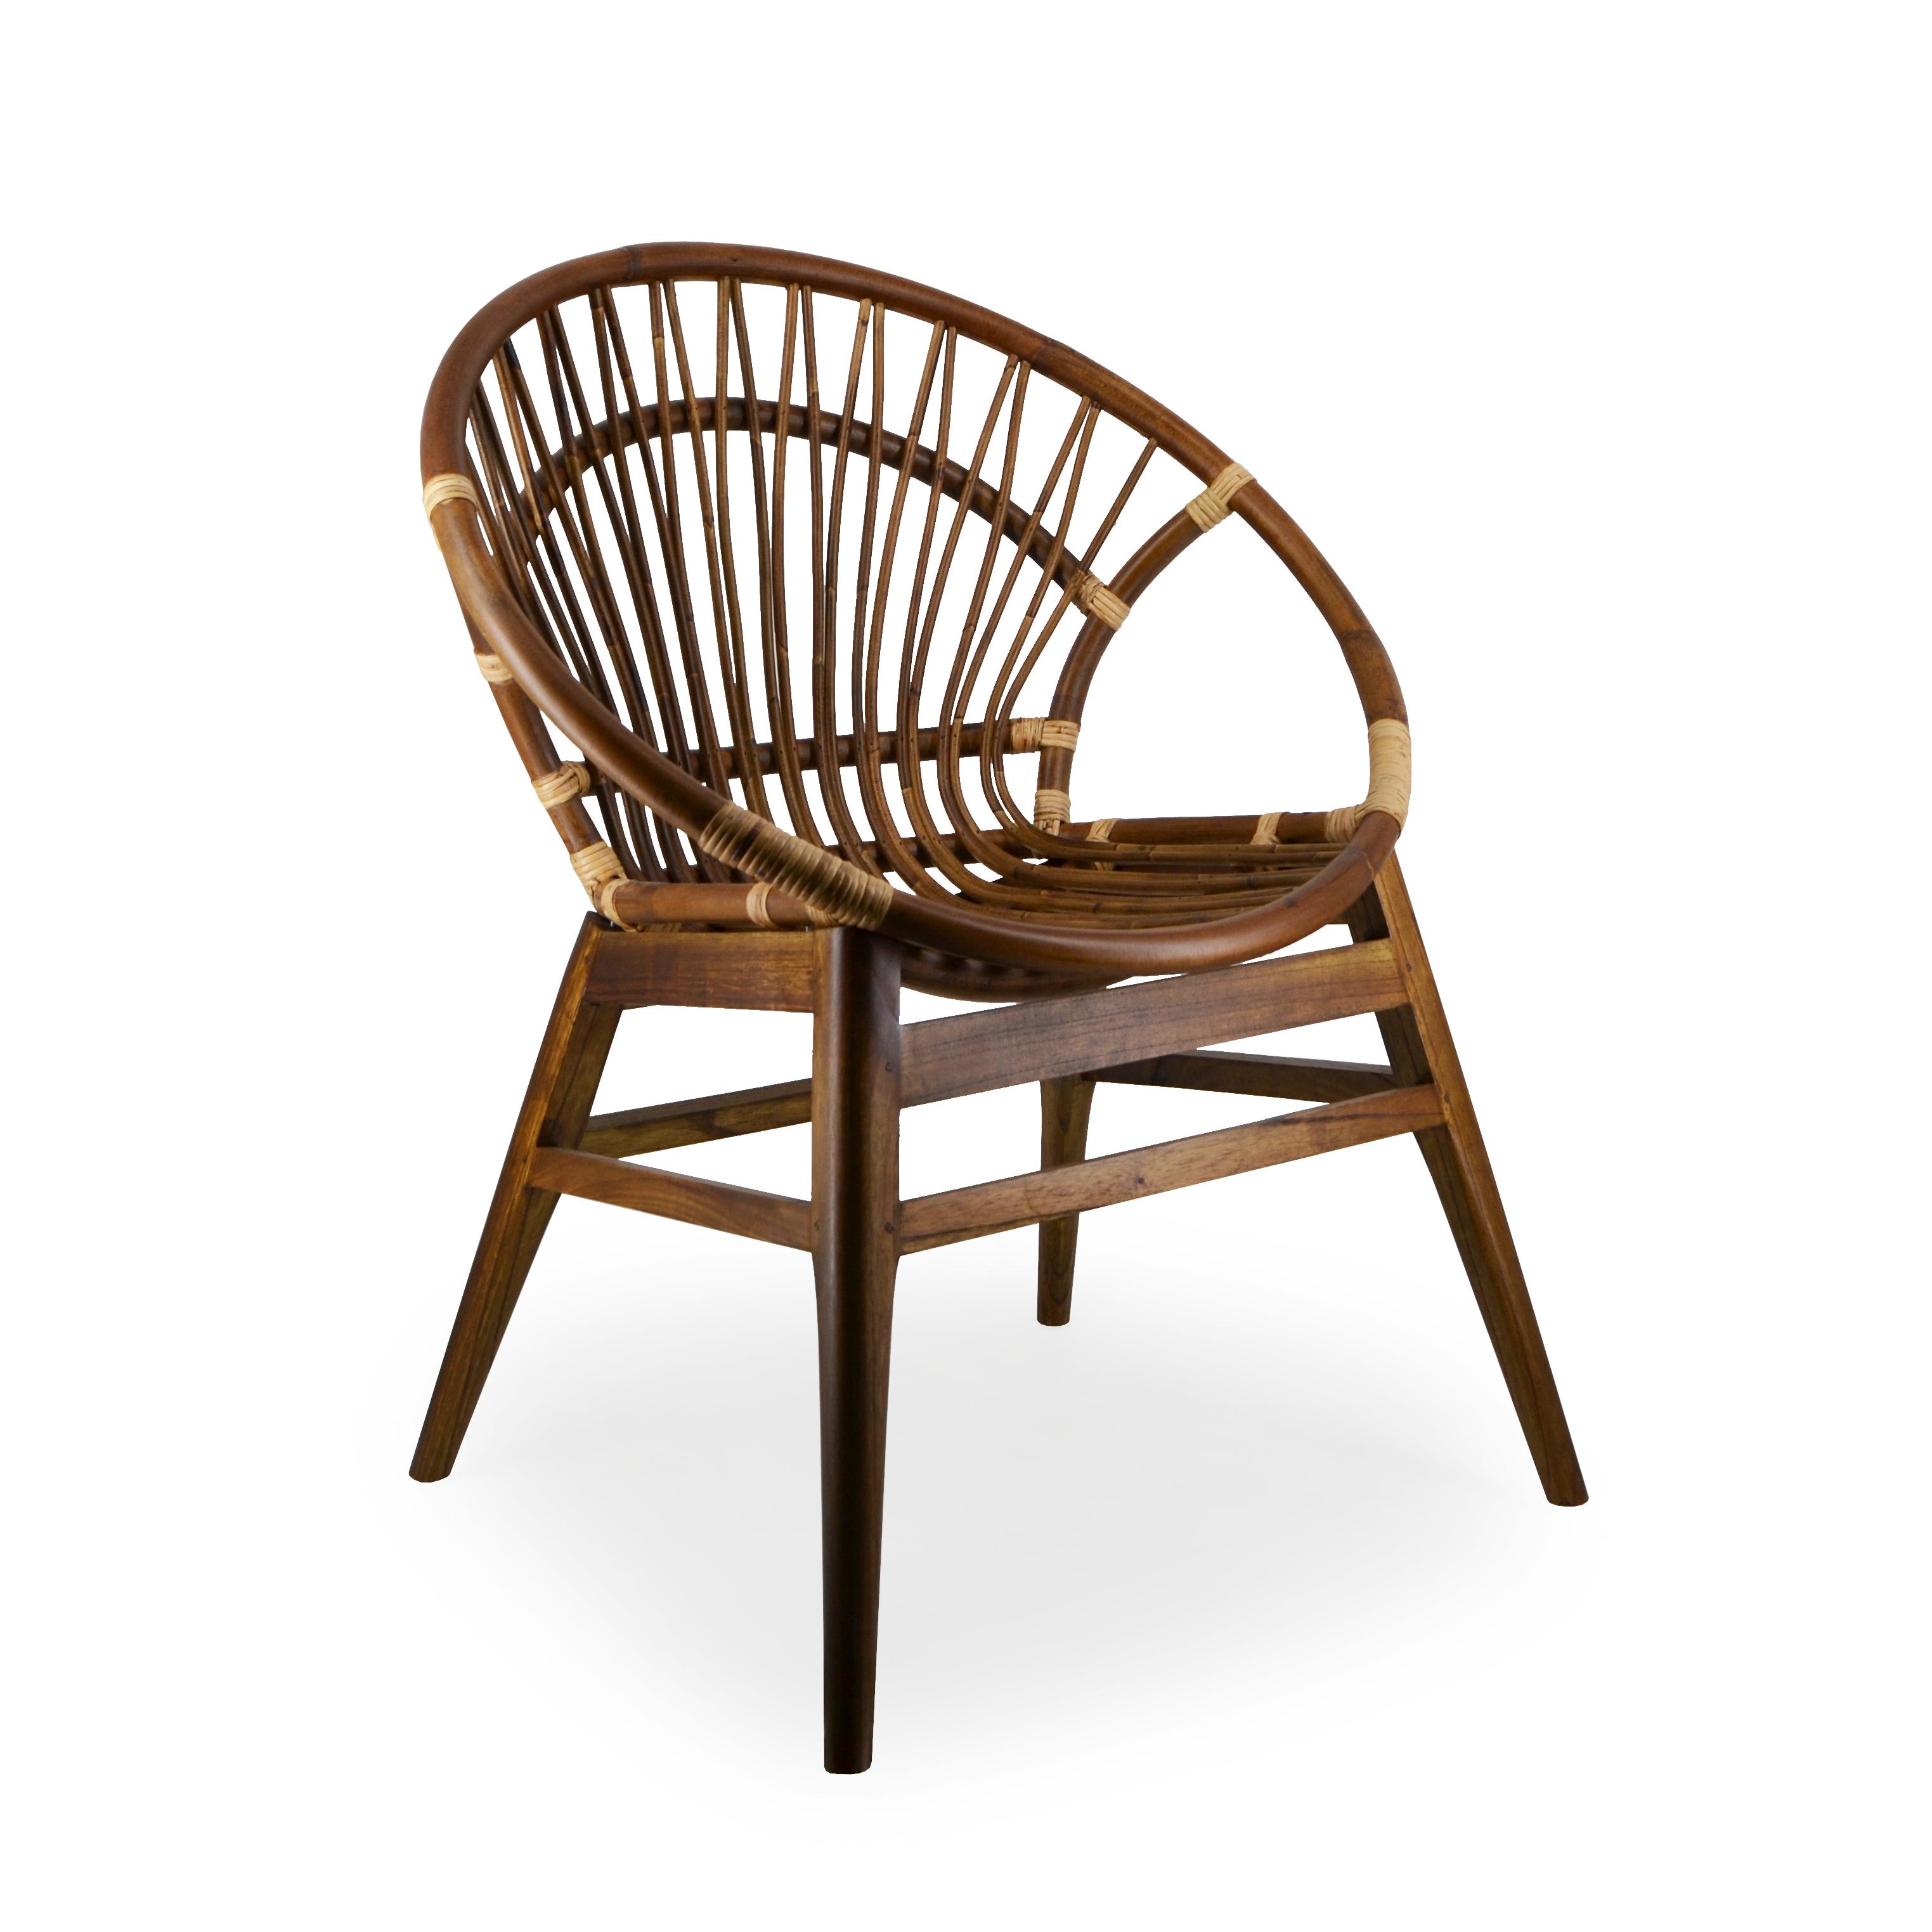 Fauteuil Vintage En Mindi Bambou Et Canne De Rotin Modèle Oval - Fauteuil bambou